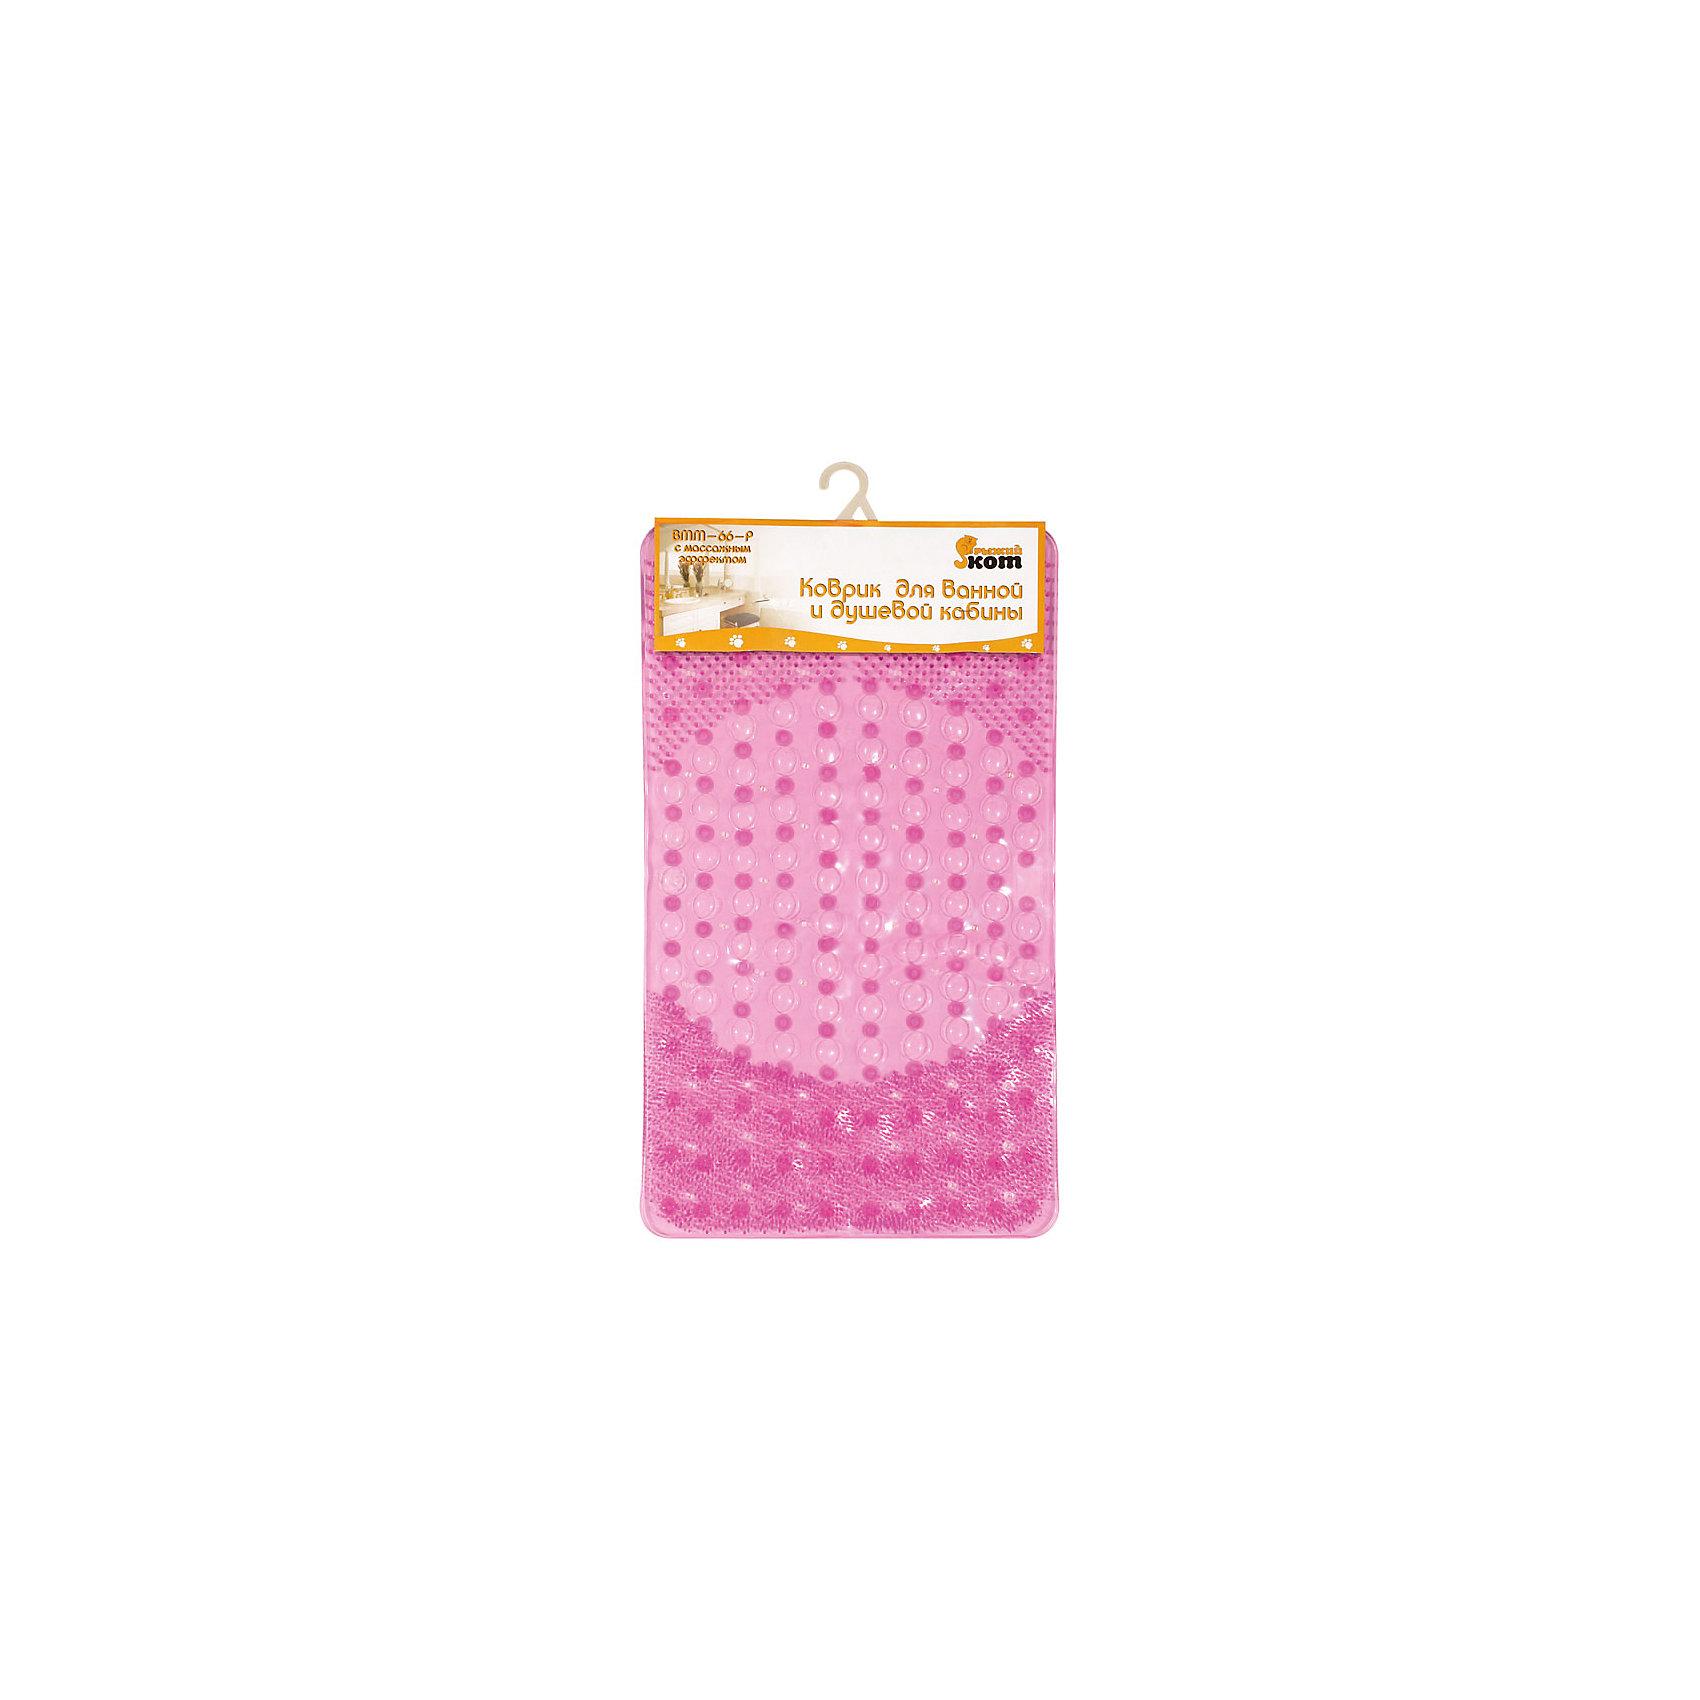 Коврик для ванной  BMM-66-P с массажным эффектом, 66*39 см, Рыжий Кот, розовыйКоврик-массажер не только предотвращает скольжение, но и массажирует ступни купающегося. Коврик прямоугольной формы, предназначен для ванной или душевой кабины. <br><br>Дополнительная информация:<br><br>Размер коврика: 66х39 см<br>Тип крепления: на присосках<br>Материал: ПВХ 100%<br><br>Коврик для ванной  BMM-66-B с массажным эффектом, 66*39 см, Рыжий Кот, розовый можно купить в нашем интернет-магазине.<br><br>Ширина мм: 660<br>Глубина мм: 390<br>Высота мм: 5<br>Вес г: 728<br>Возраст от месяцев: 6<br>Возраст до месяцев: 1080<br>Пол: Унисекс<br>Возраст: Детский<br>SKU: 4989801